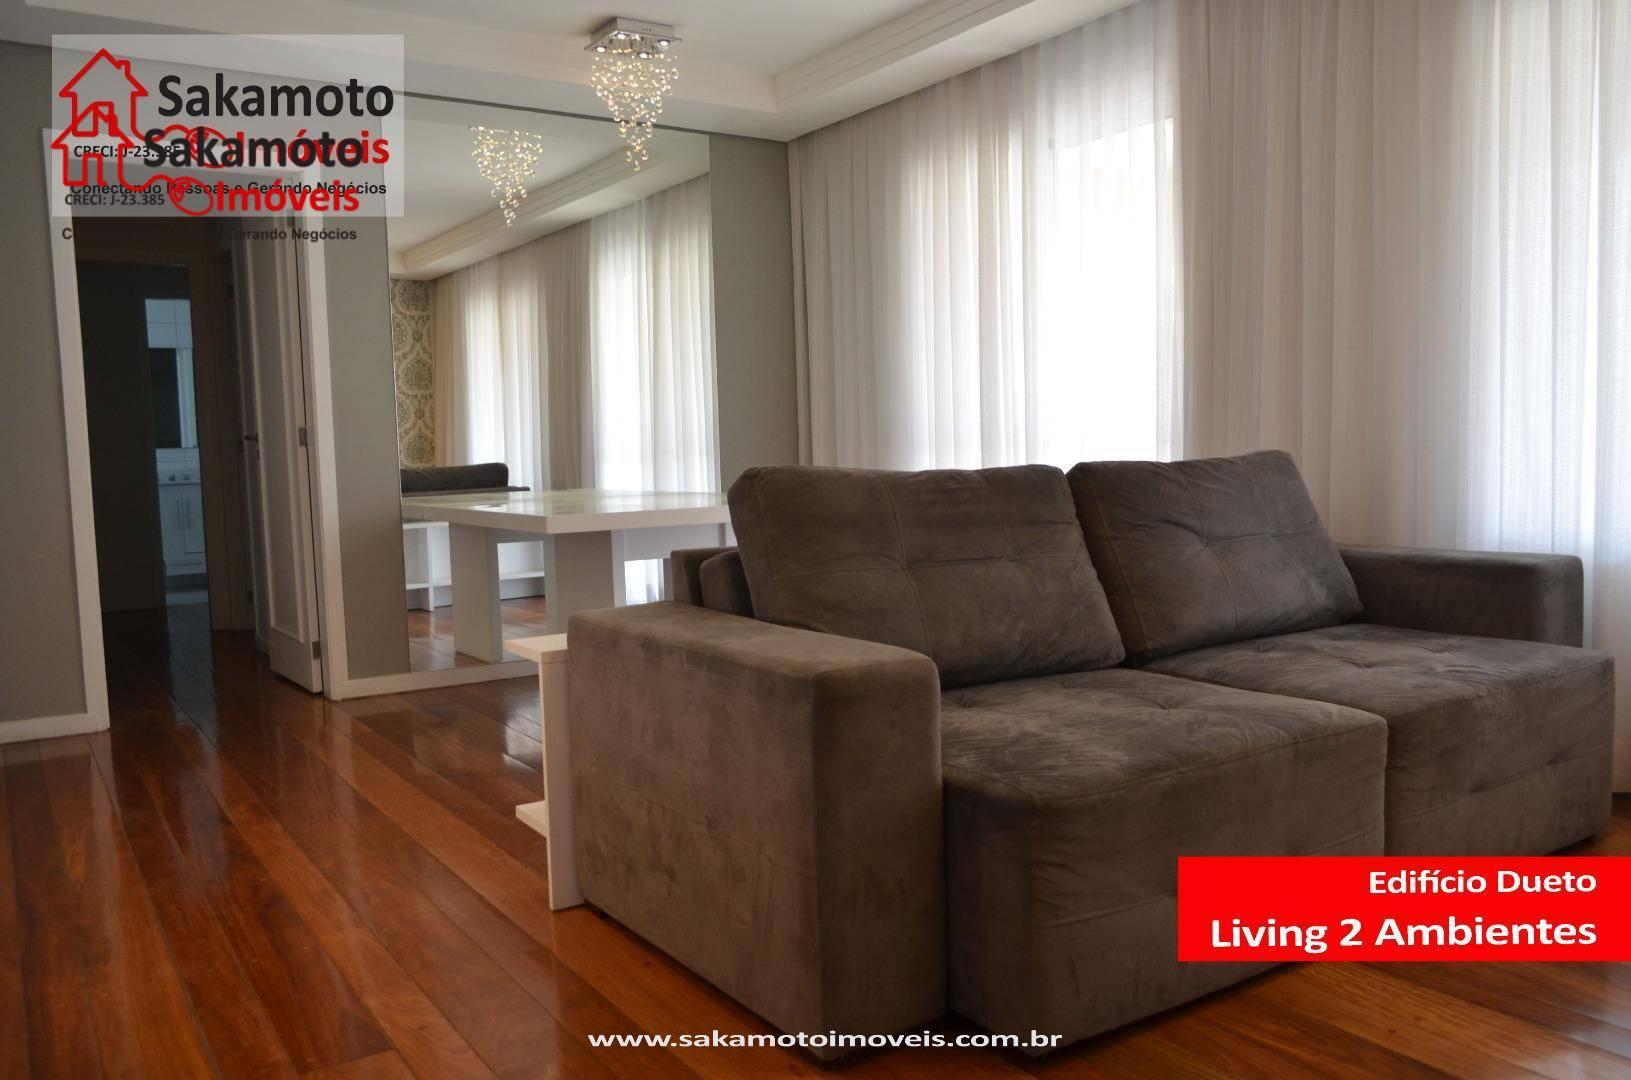 Apartamento à venda, Portal da Colina, Campolim, Sorocaba, edificio dueto, alto padrao